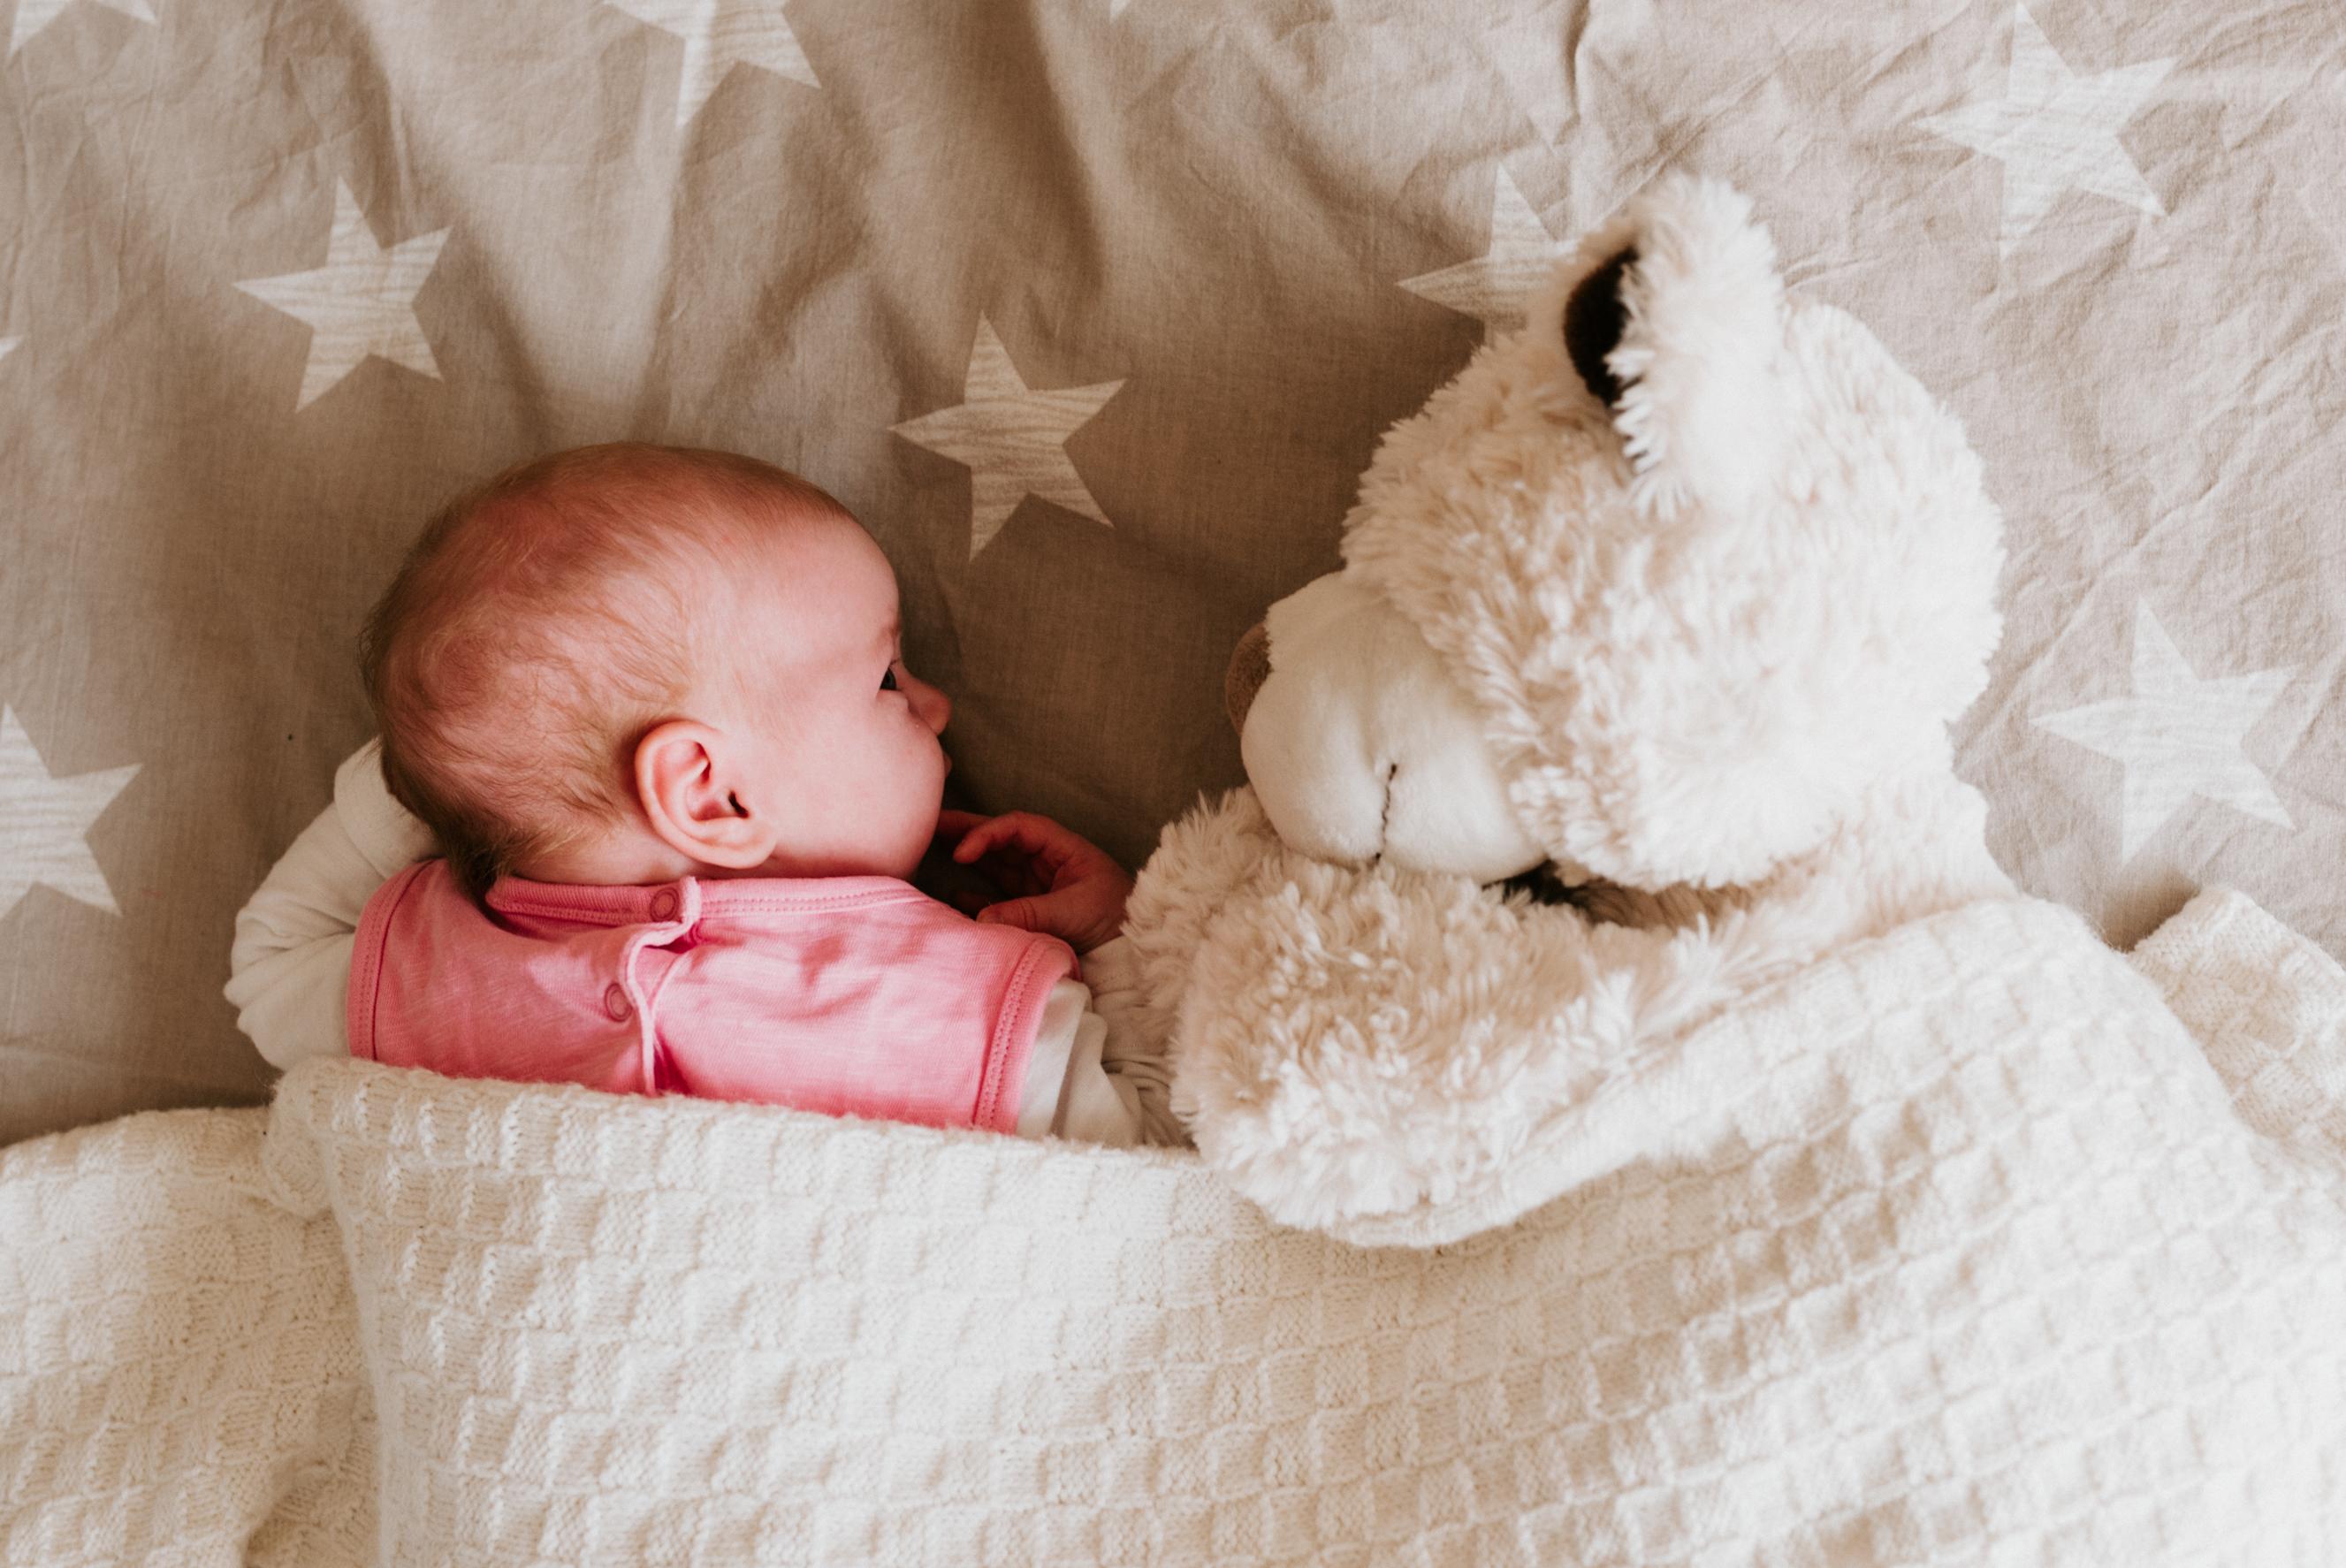 Baby mit Teddy beim Newborn Shooting auf einer Decke